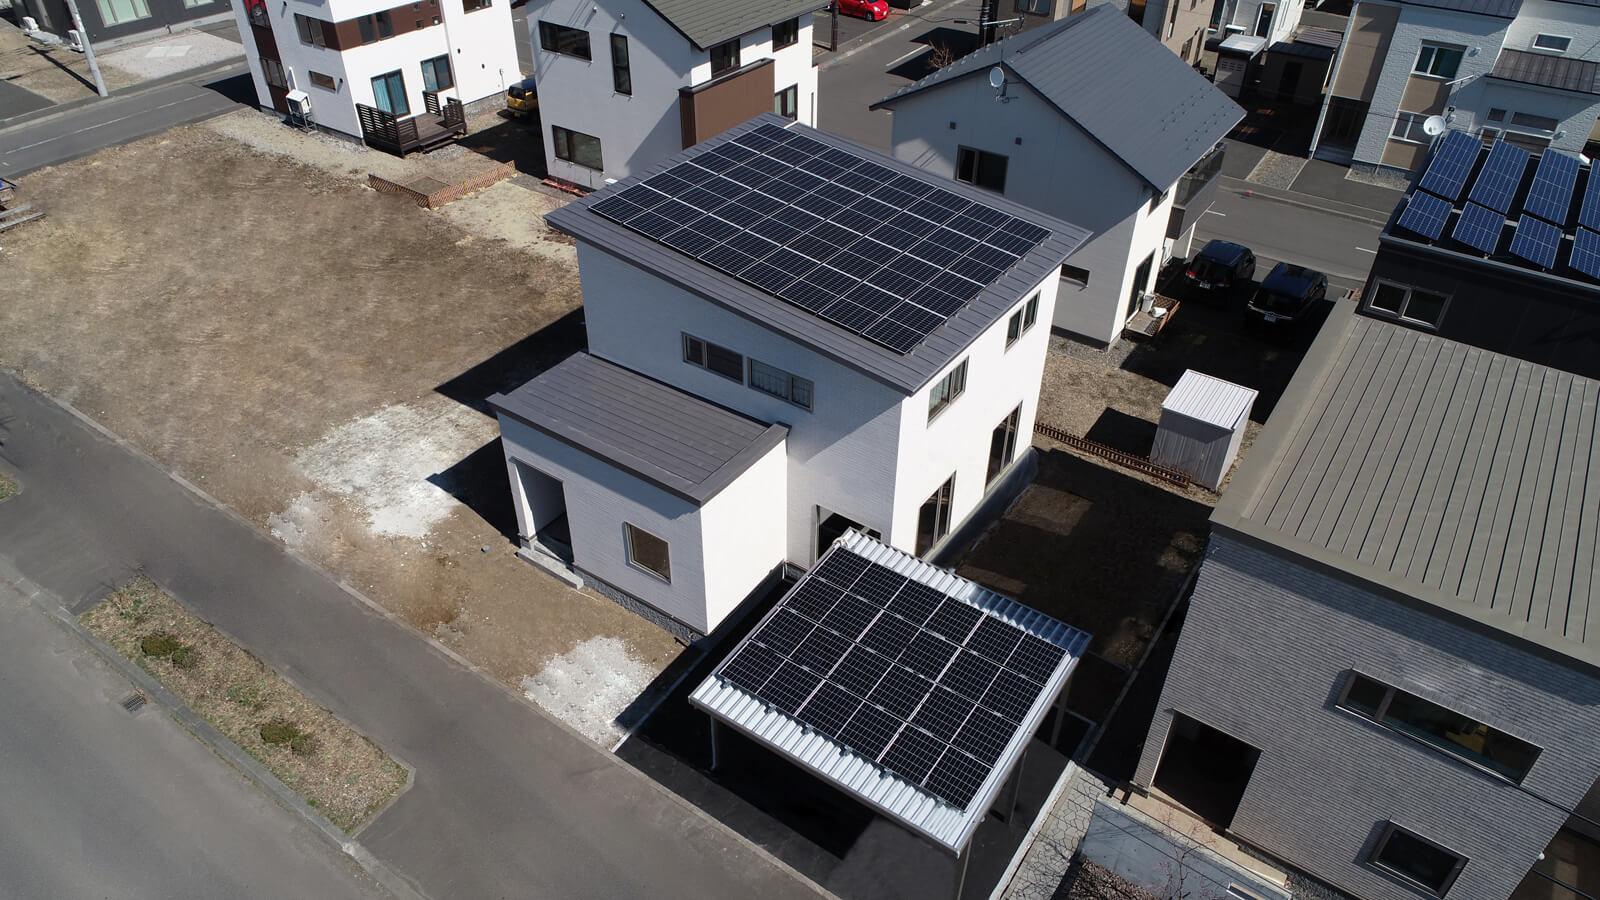 屋根とカーポートを合わせて44枚、およそ15kWの太陽光発電パネルが搭載されている